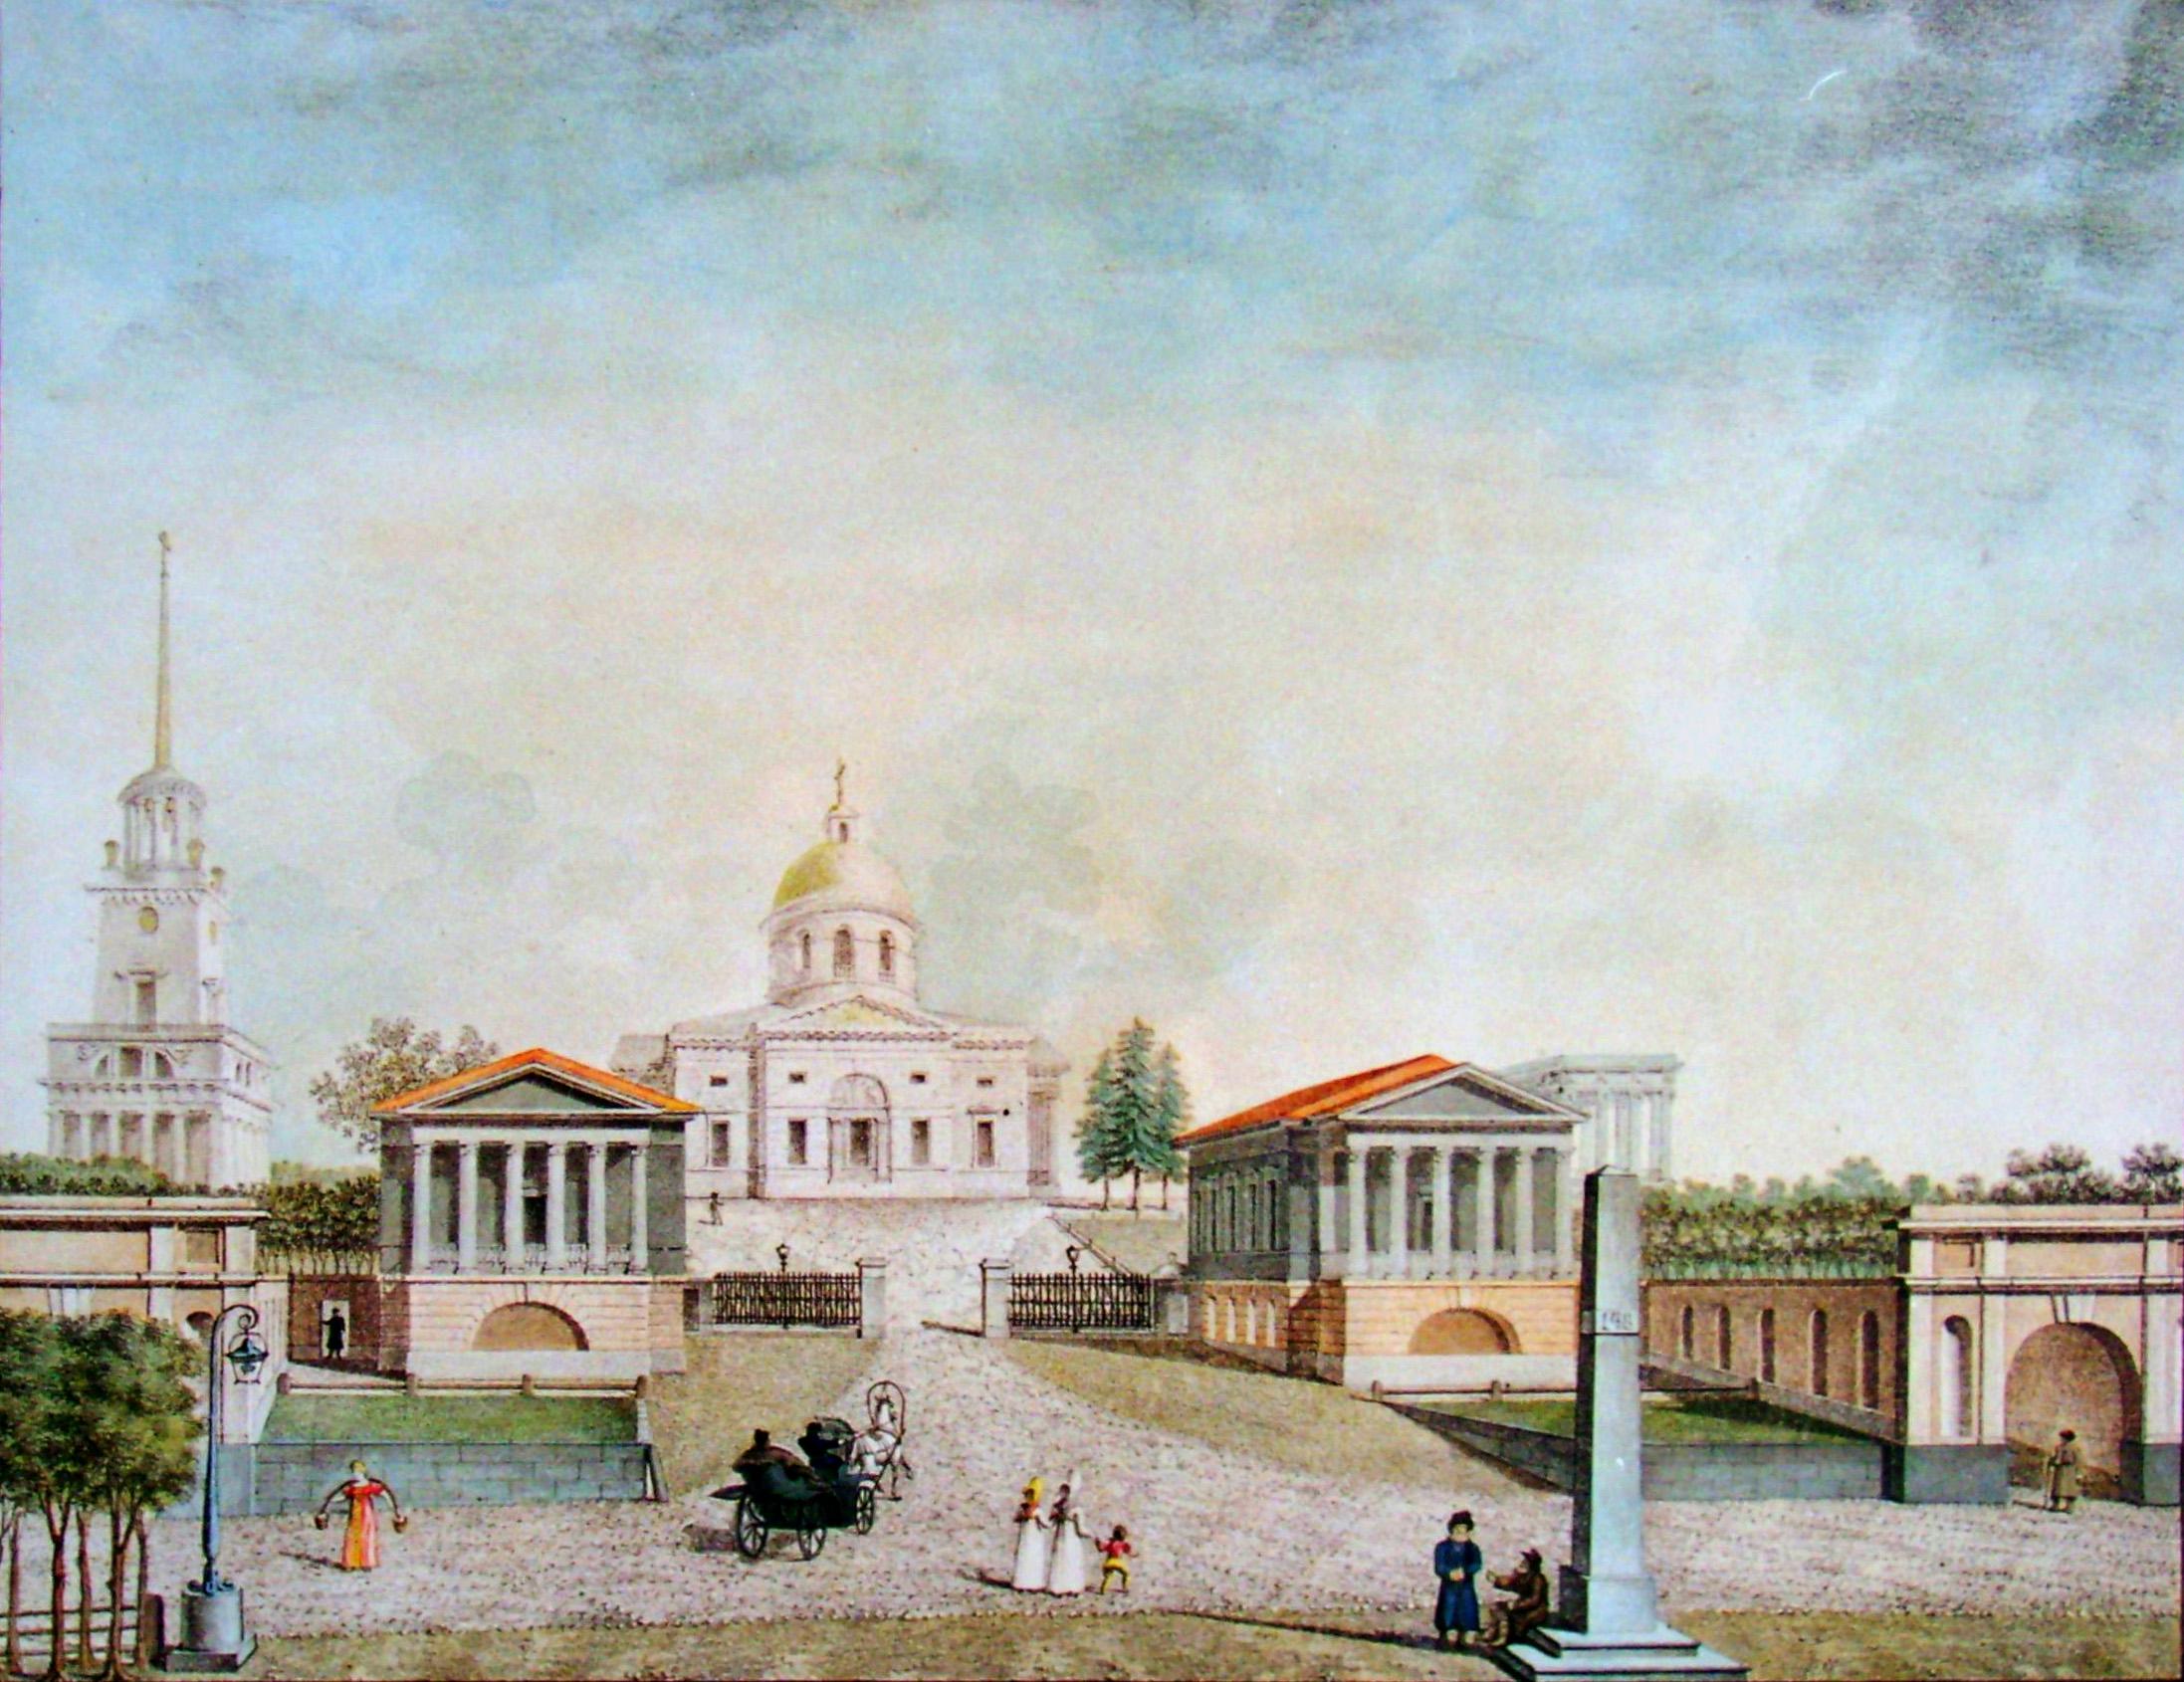 5. Вид Площади у Гошпиталя 1822 г. Рисовал на камне Архитектор Семенов.